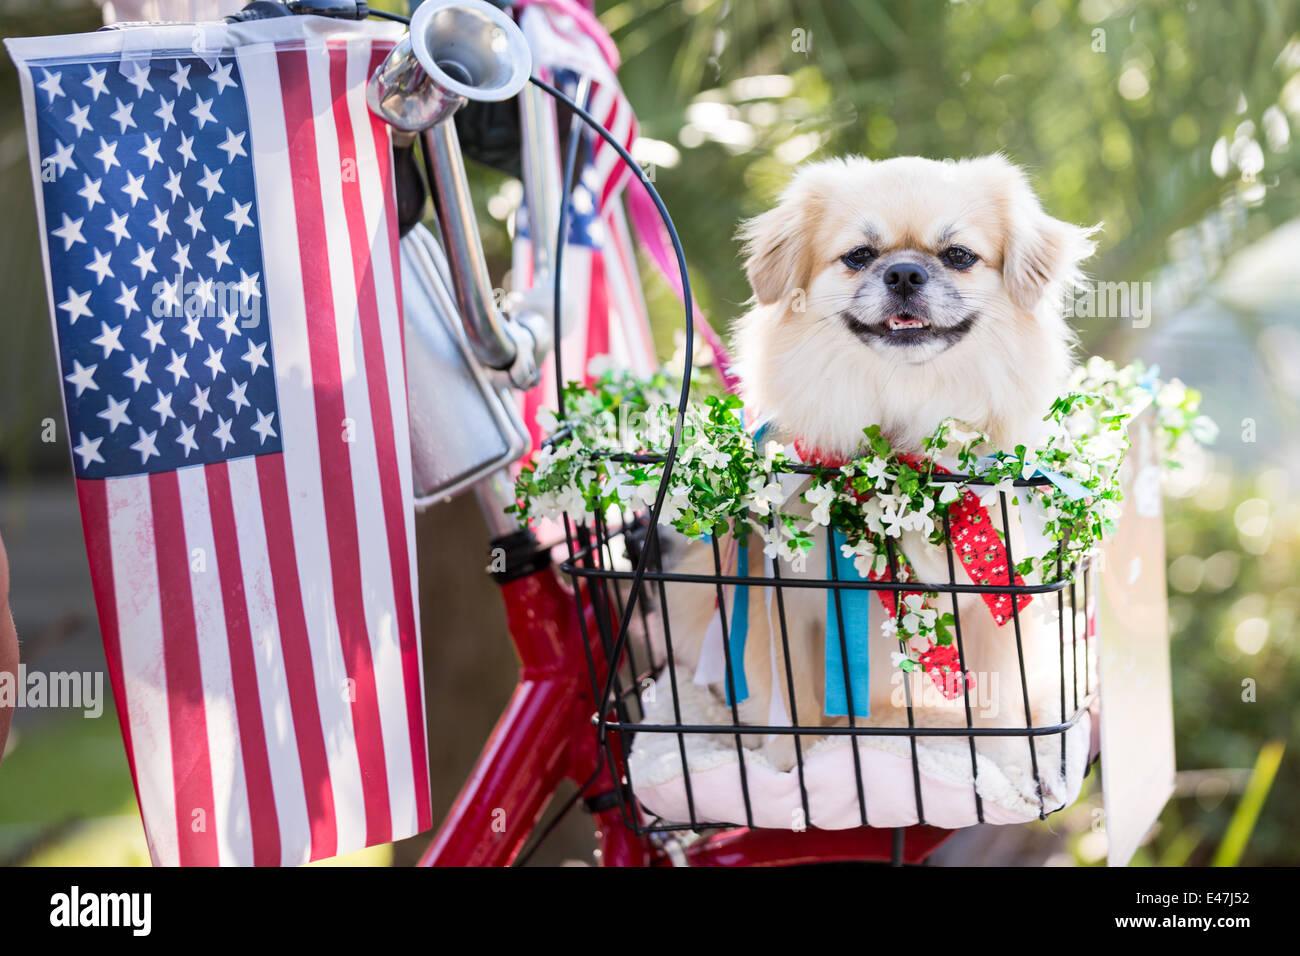 Ein Hund fährt in einem Fahrradkorb 4. Juli 2014 in Mt. Pleasant, South Carolina während der I'On Stockbild